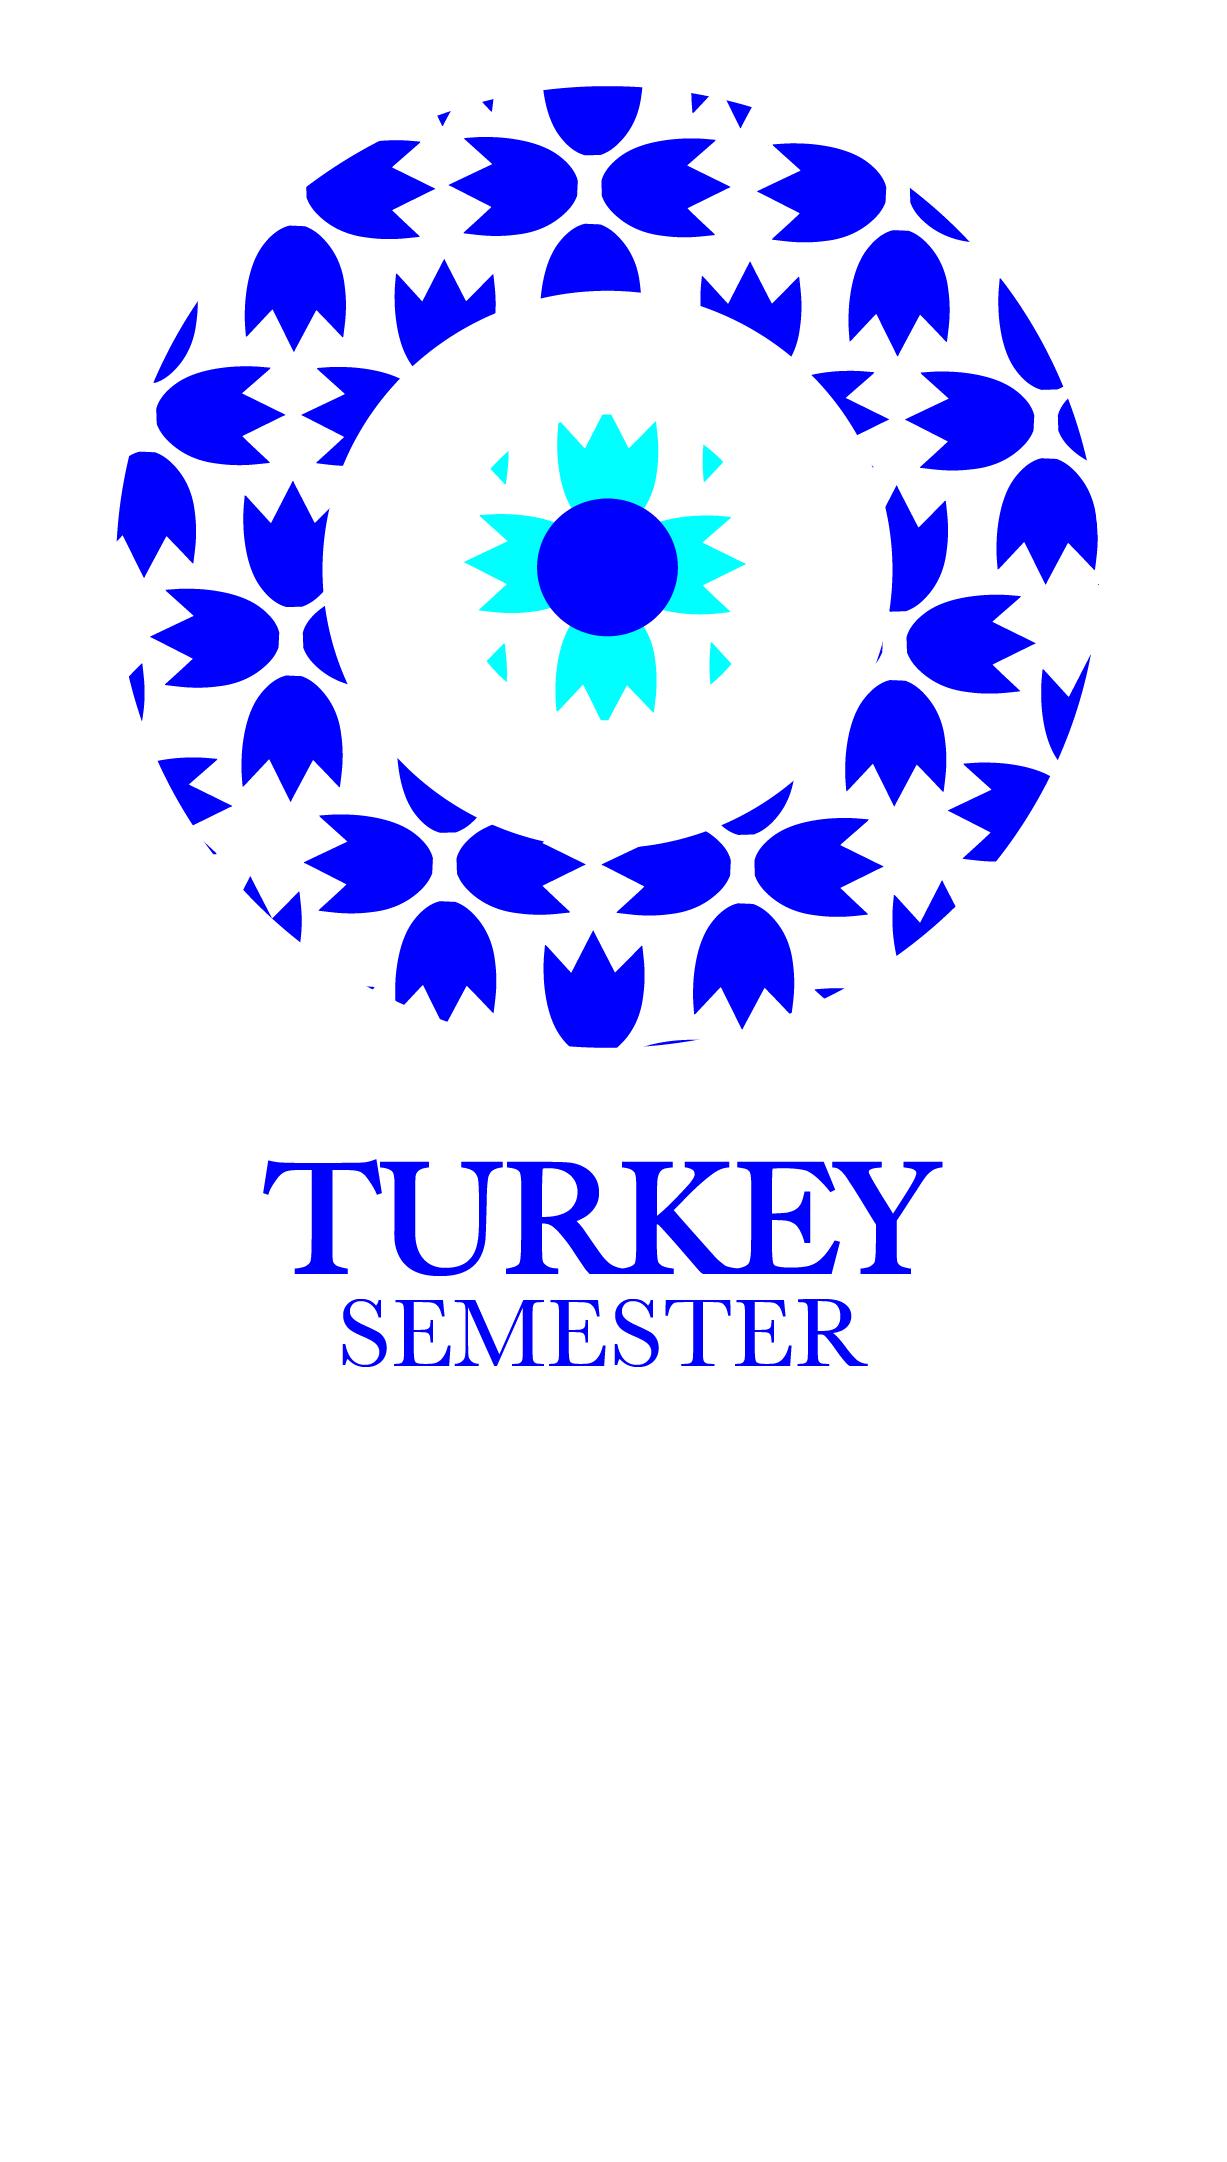 turkey semester logo